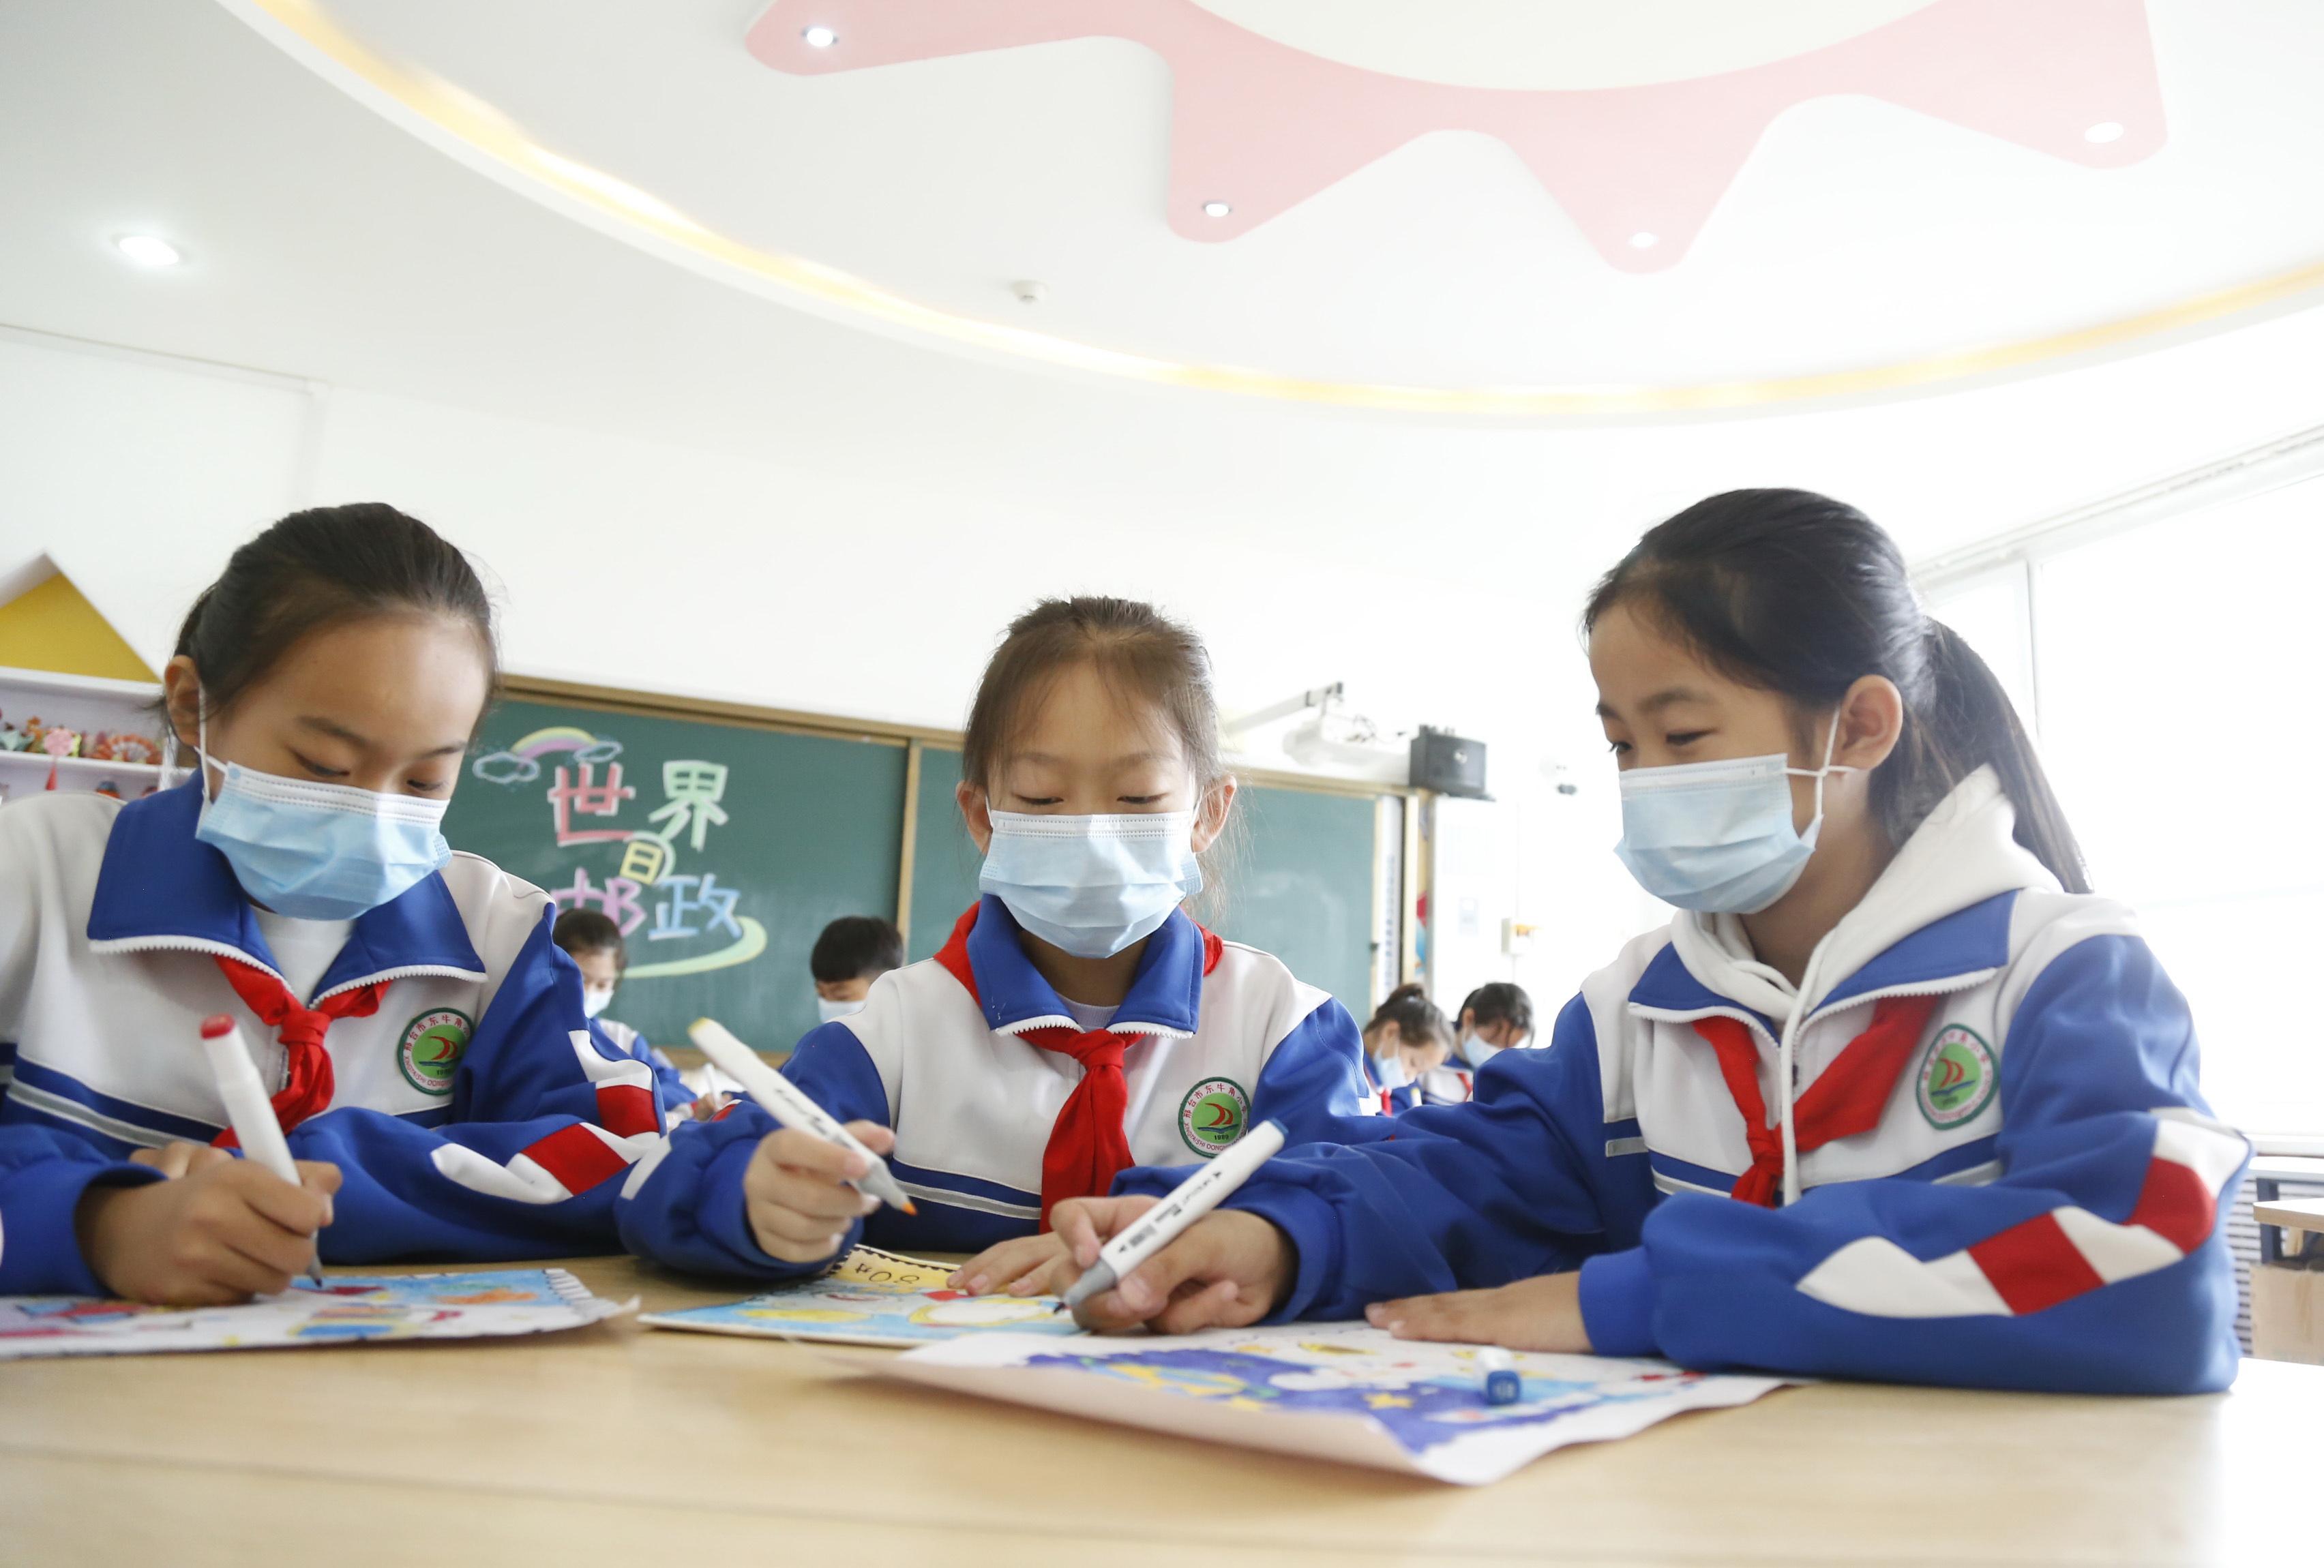 西安高新区入选教育部基础教育综合改革实验区